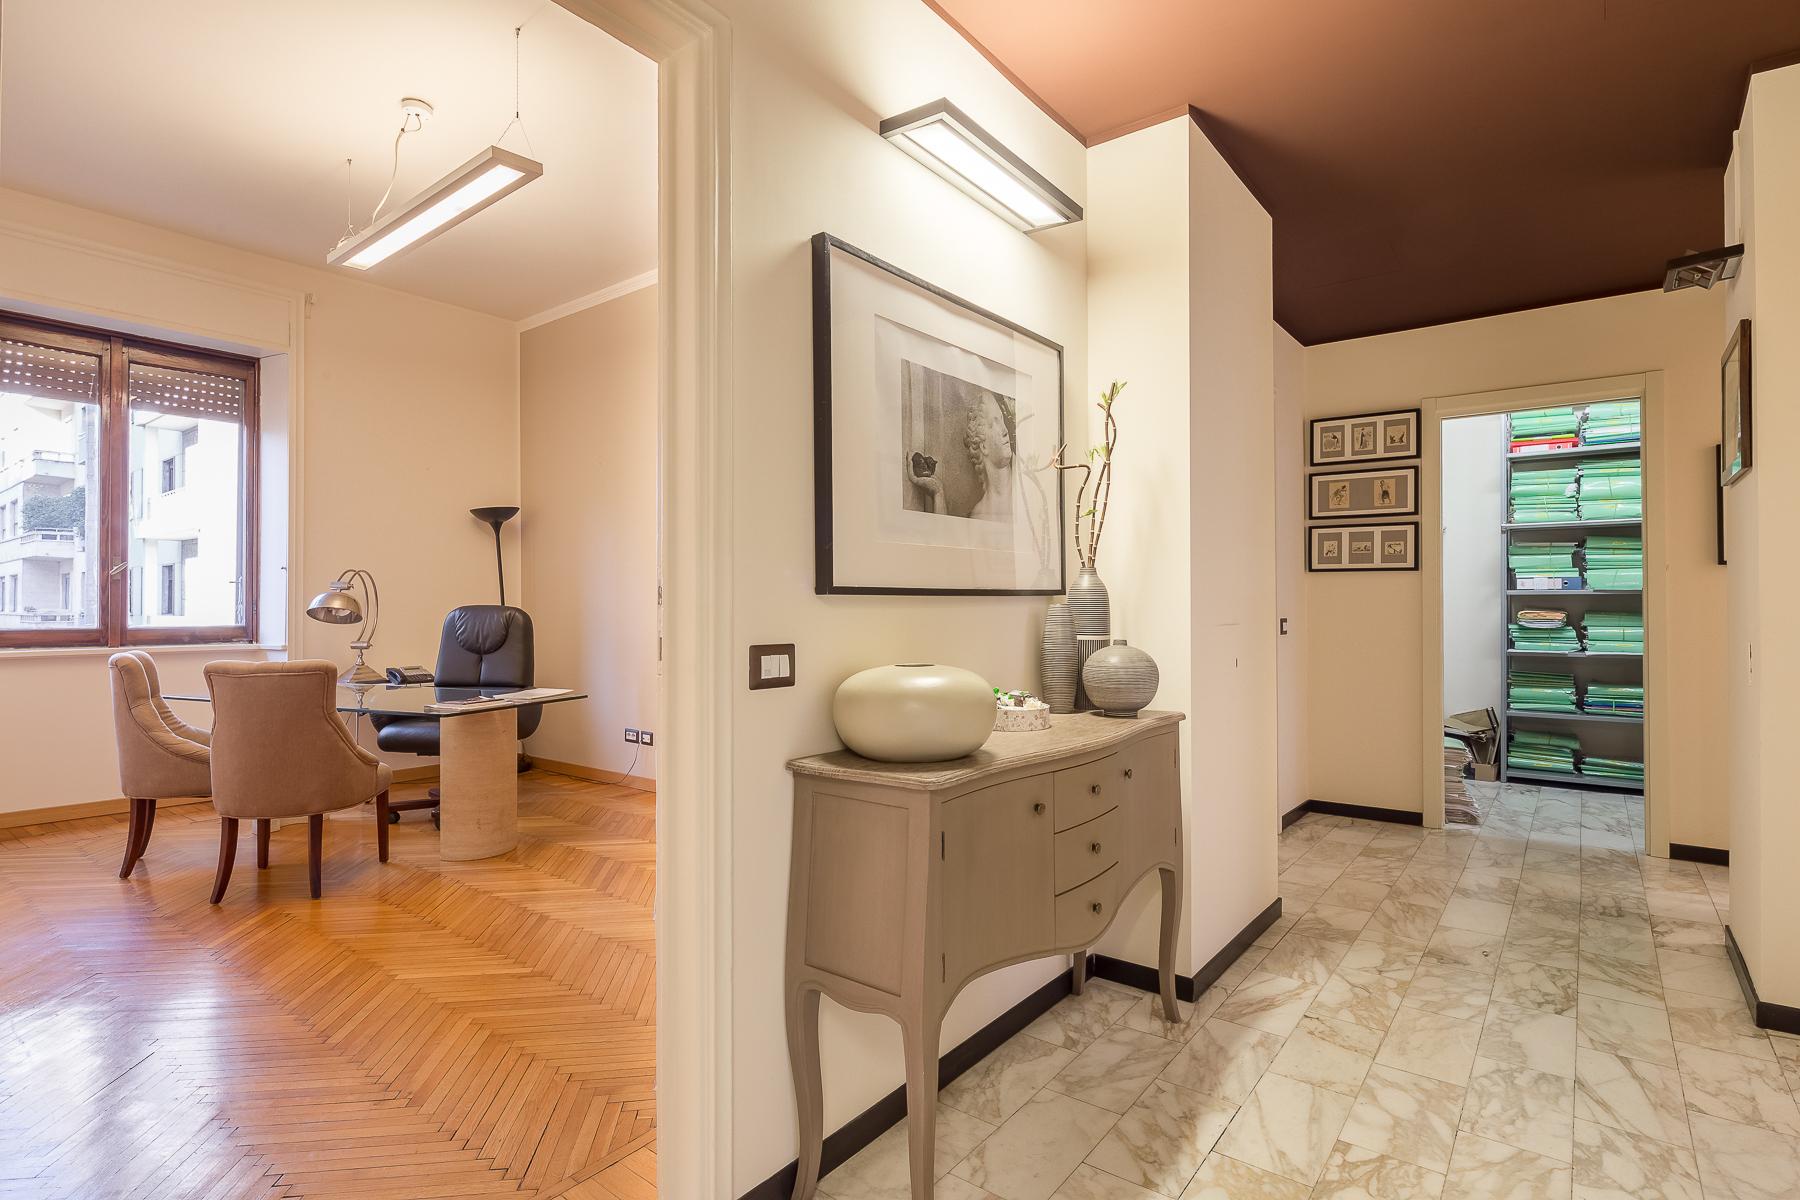 Ufficio-studio in Vendita a Milano: 4 locali, 155 mq - Foto 5